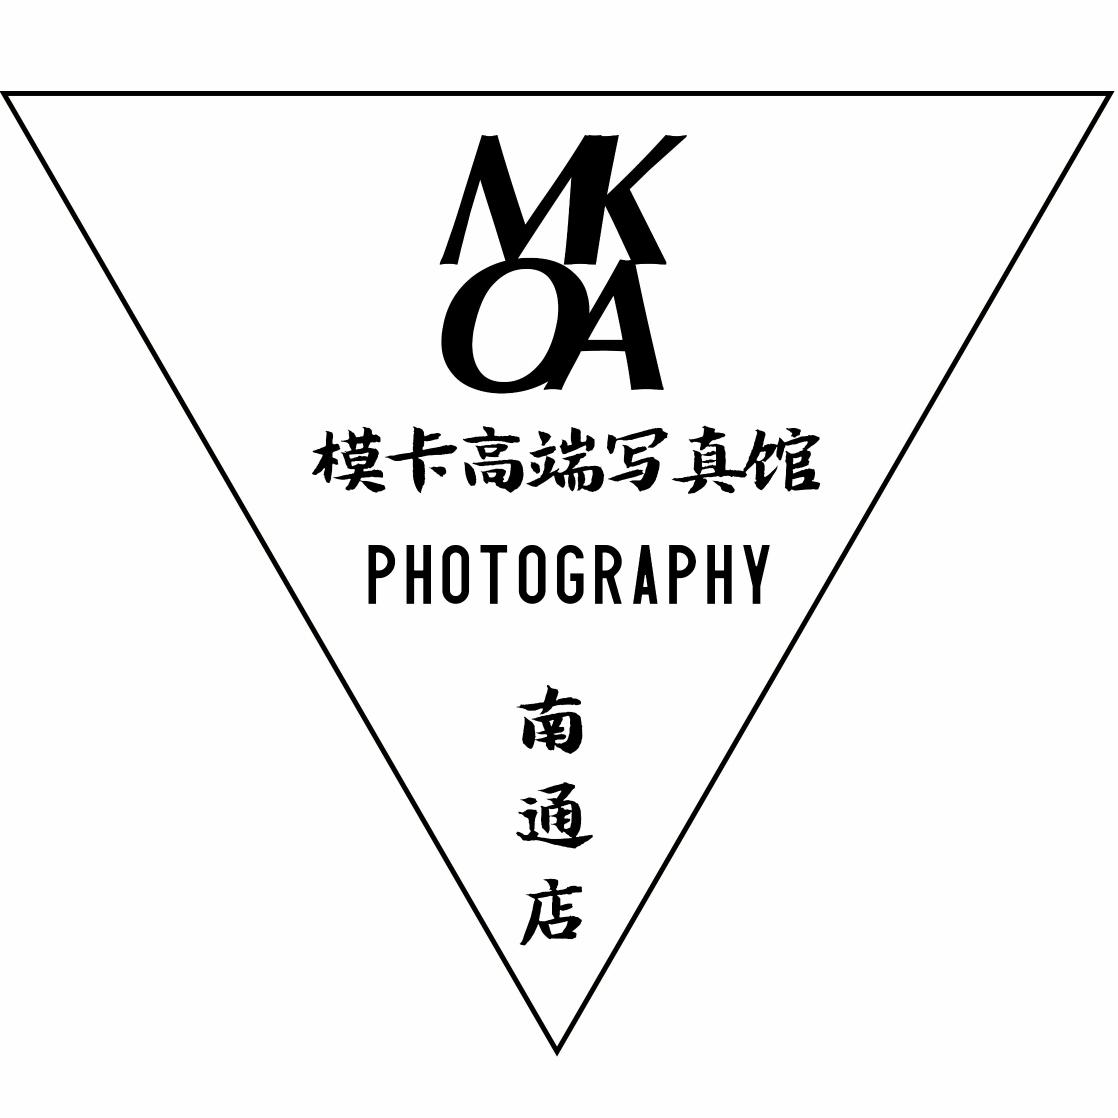 MOKA(南通总店)